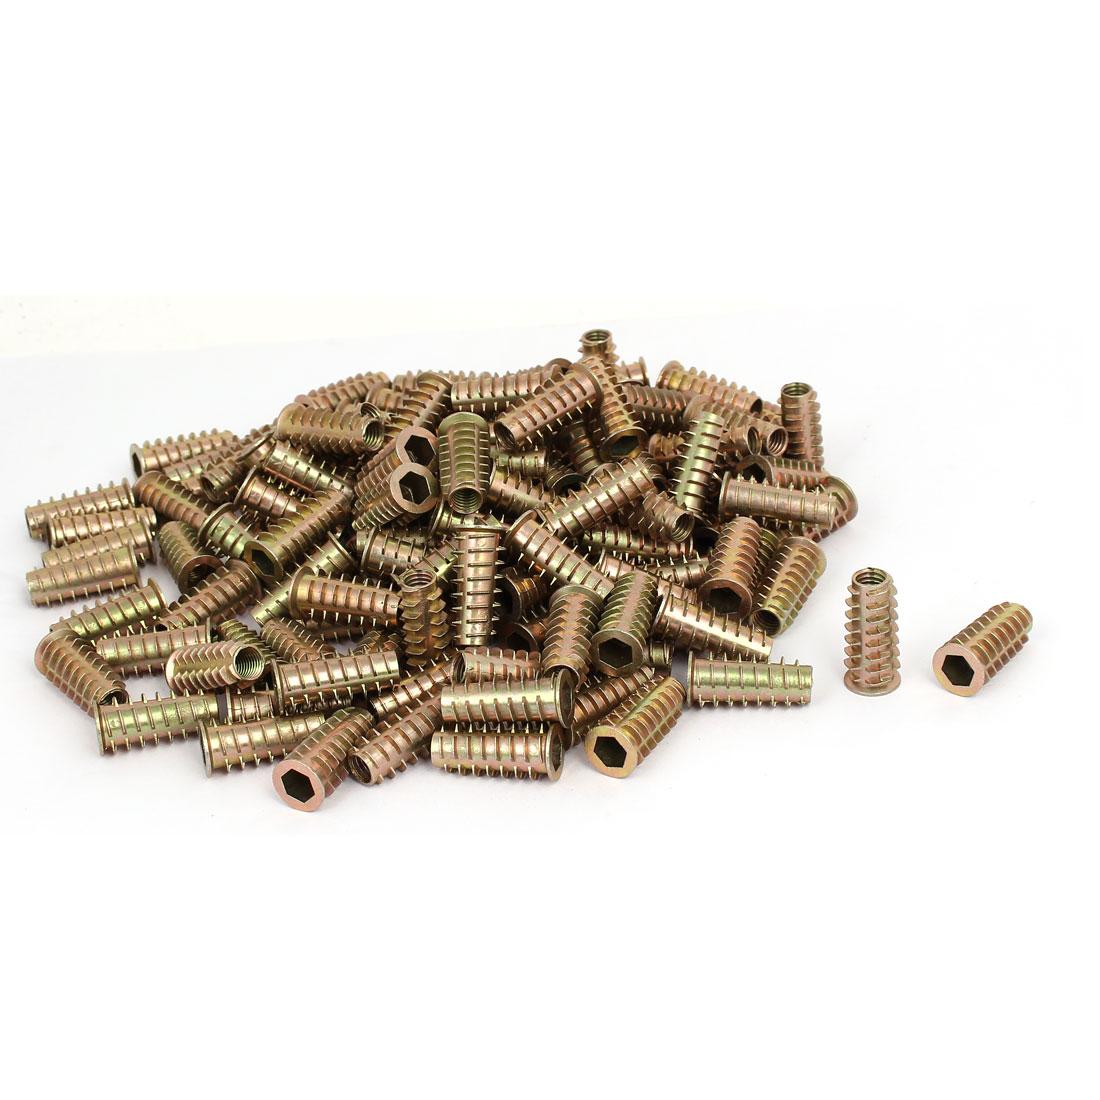 M8 x 30mm Hex Socket Head Insert Screws E-Nuts Furniture Fittings 200pcs